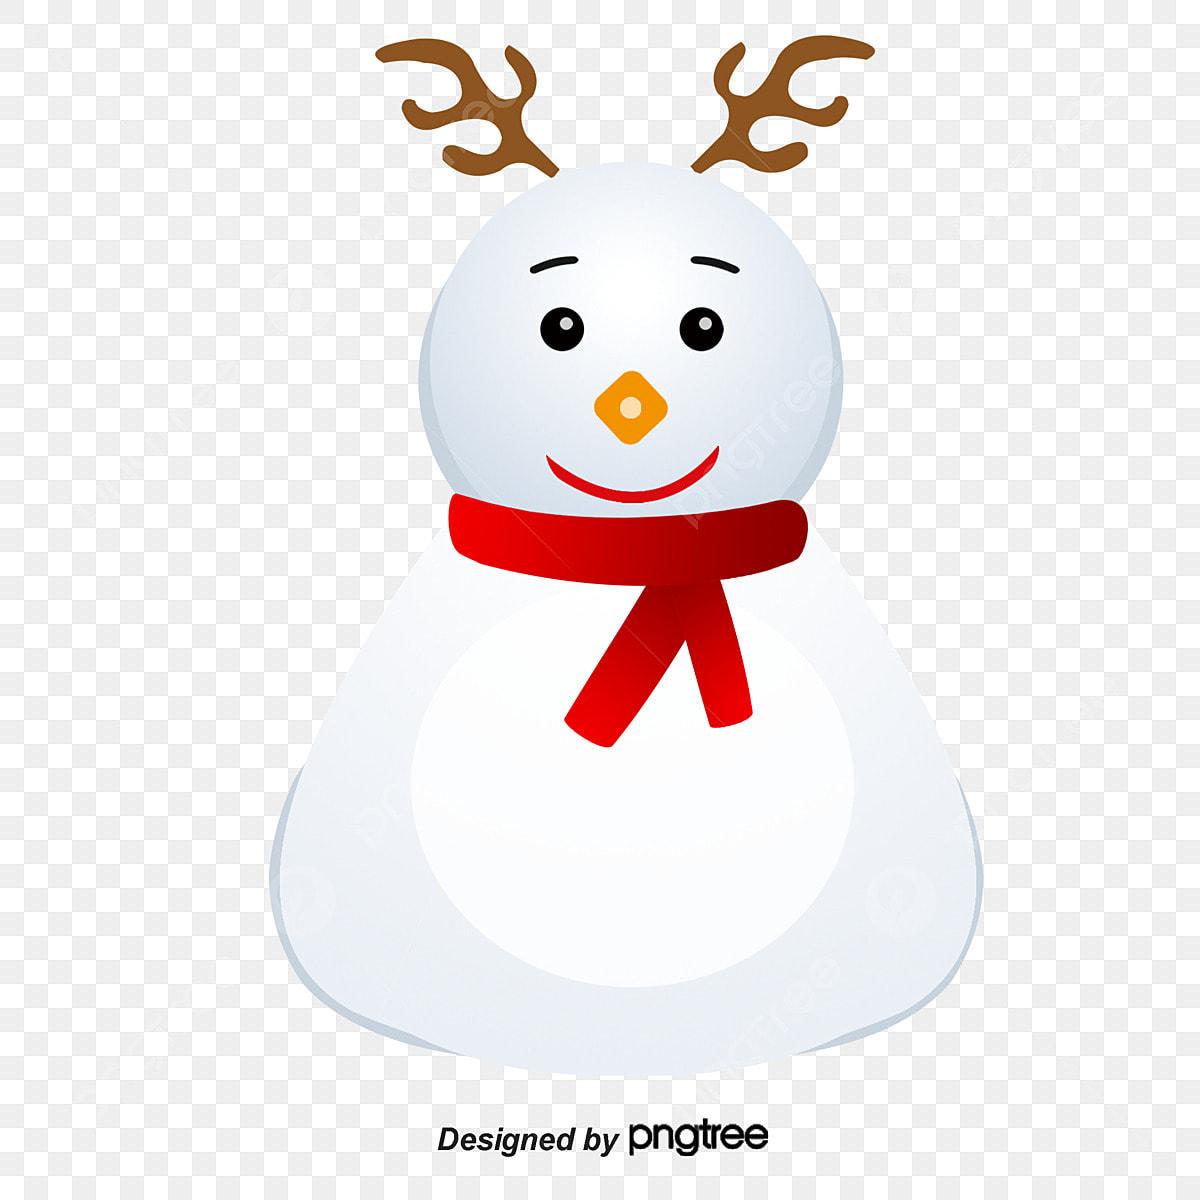 كرتون رجل الثلج